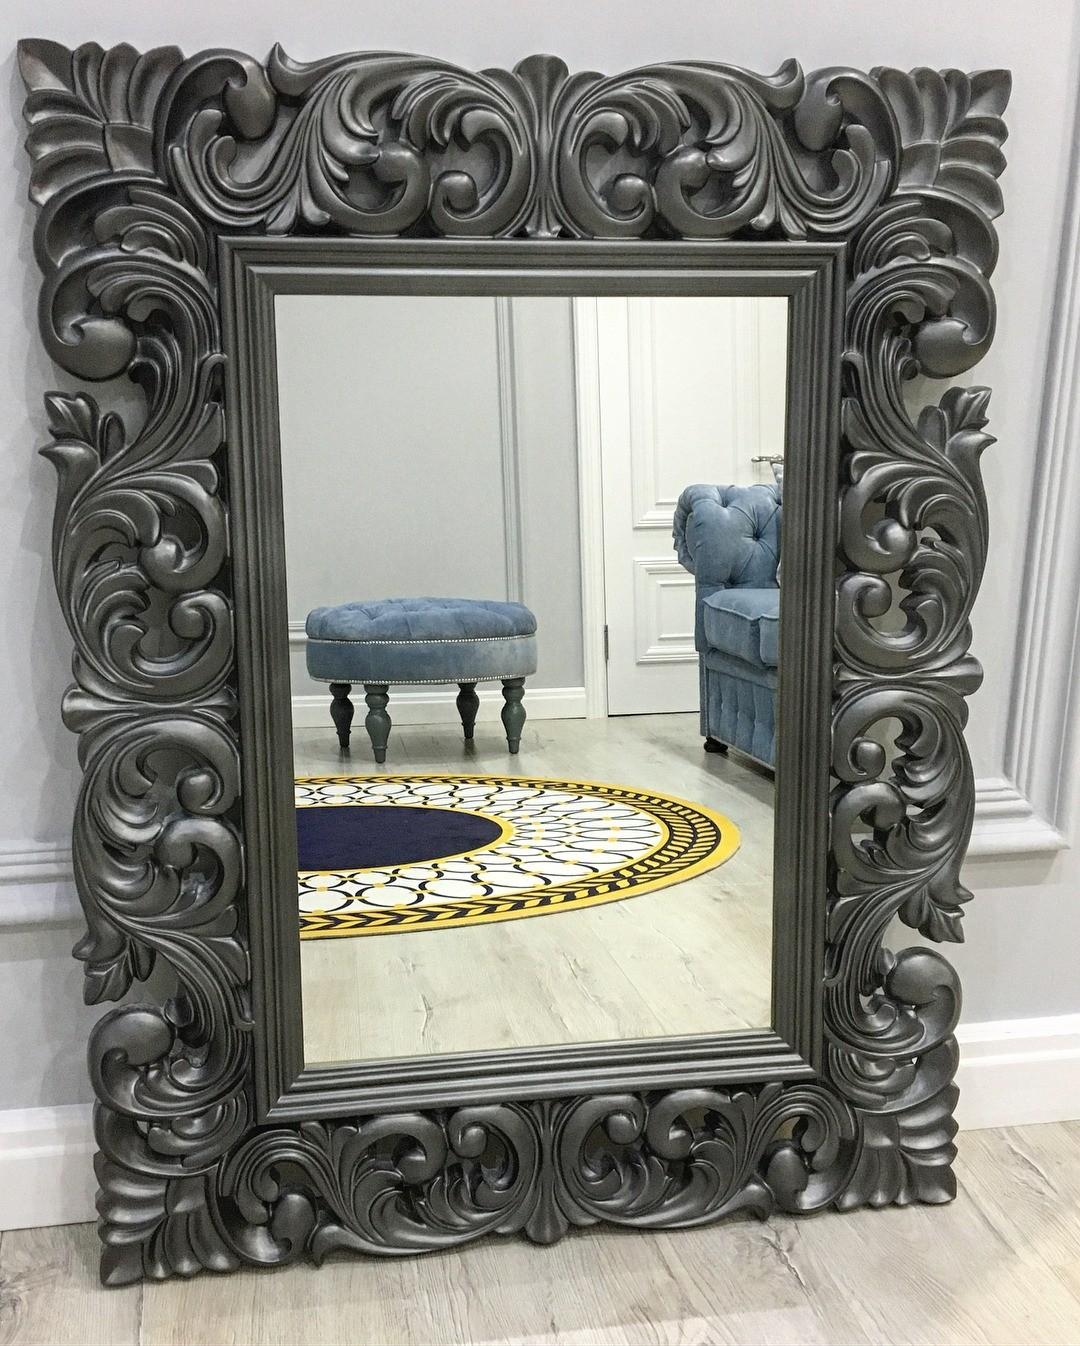 Зеркало в такой массивной раме впишется только в классический интерьер